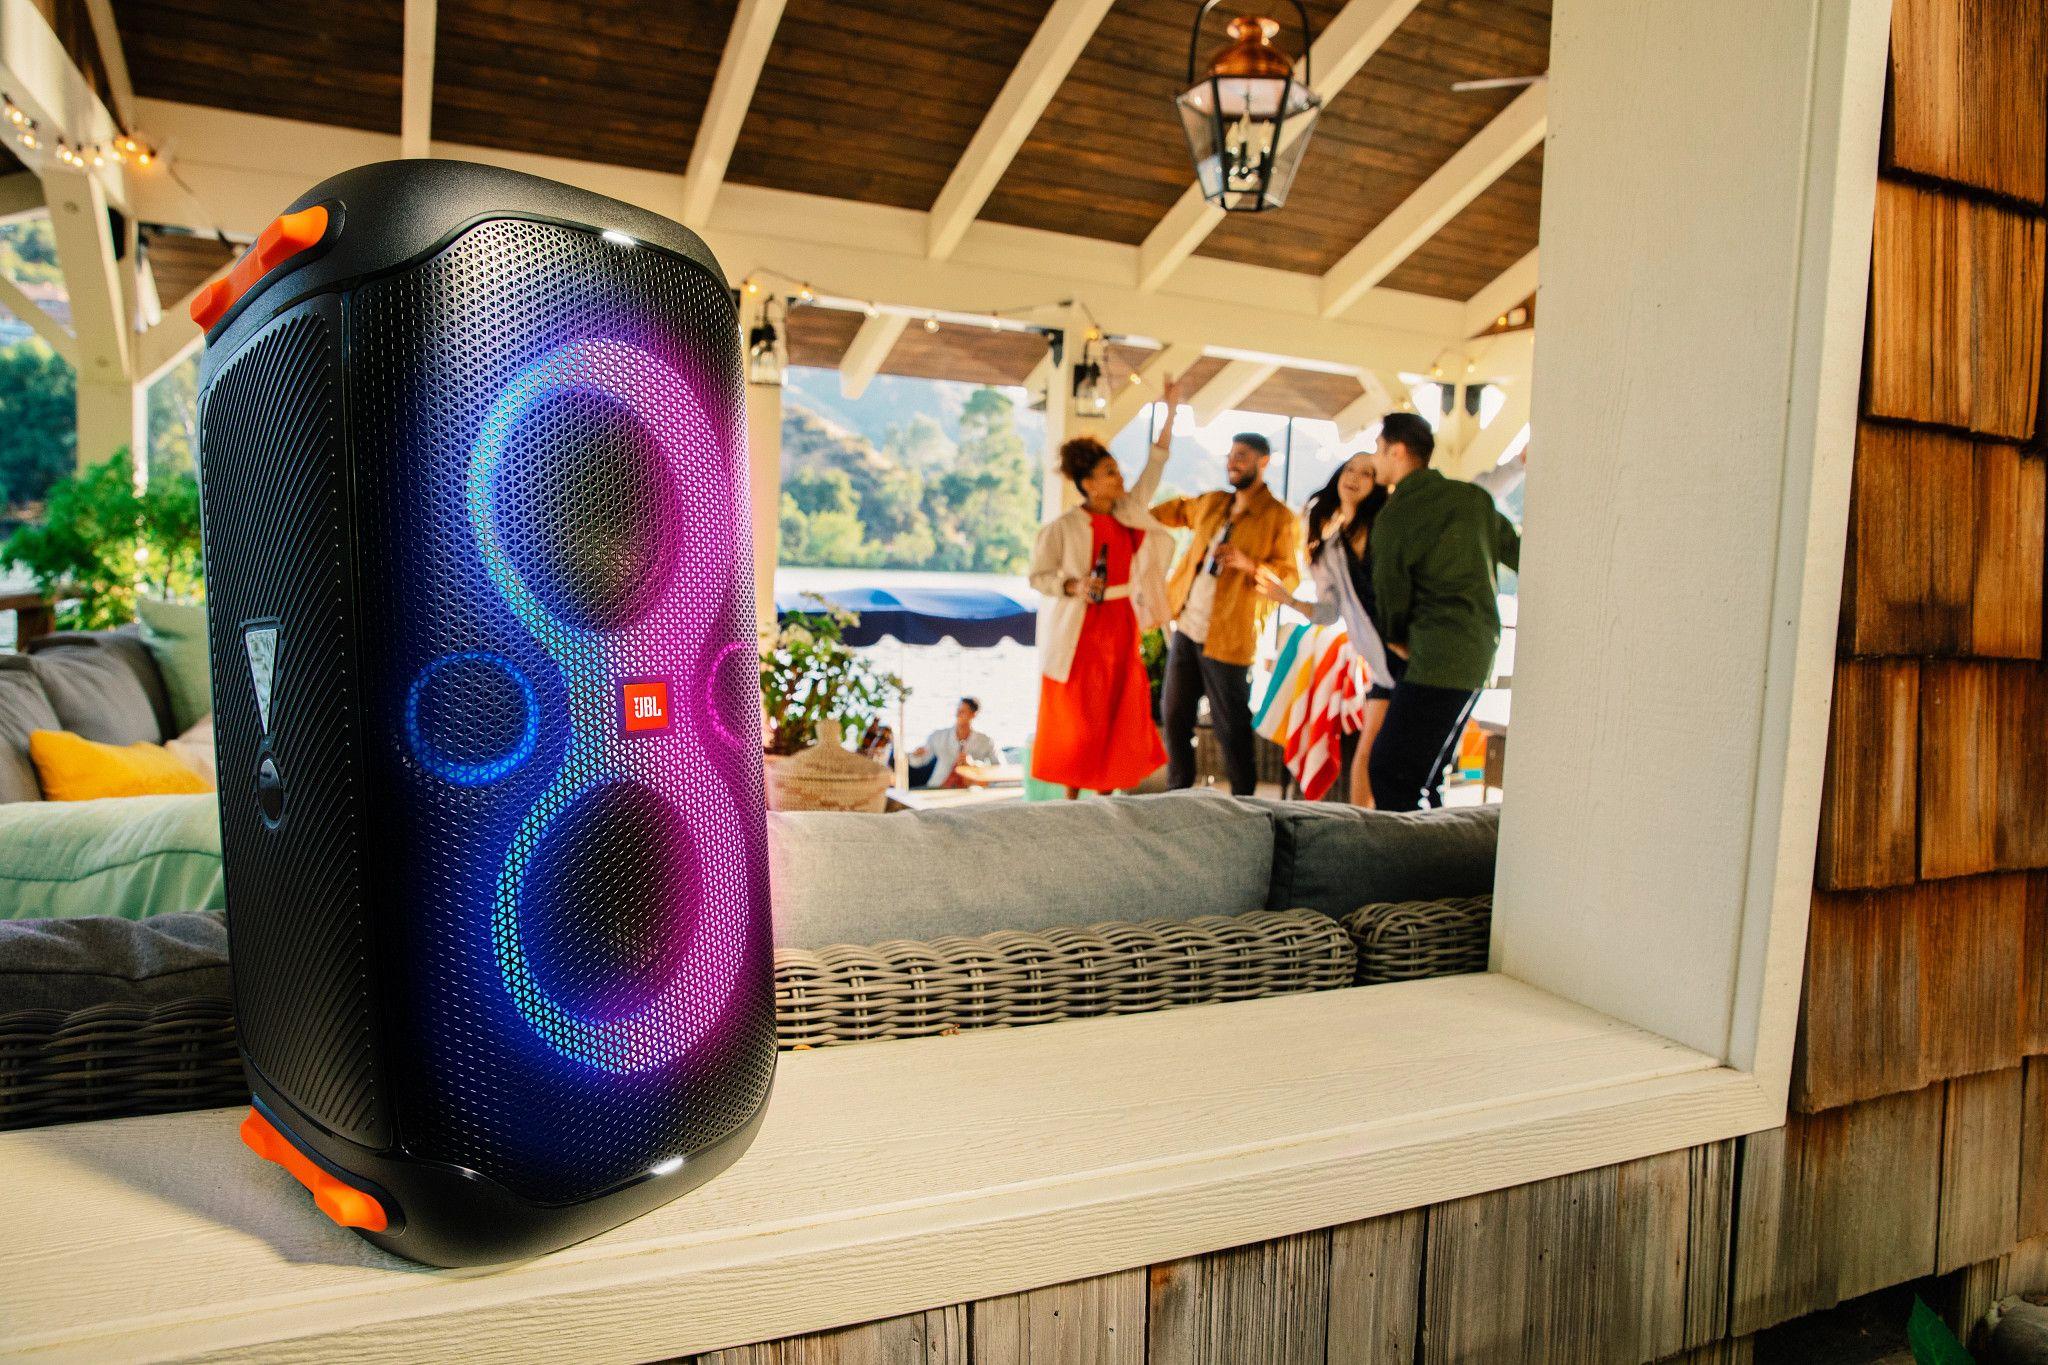 JBL Partybox 110 – przenośny głośnik imprezowy z wbudowanymi efektami świetlnymi ikonstrukcji odpornej na zachlapania